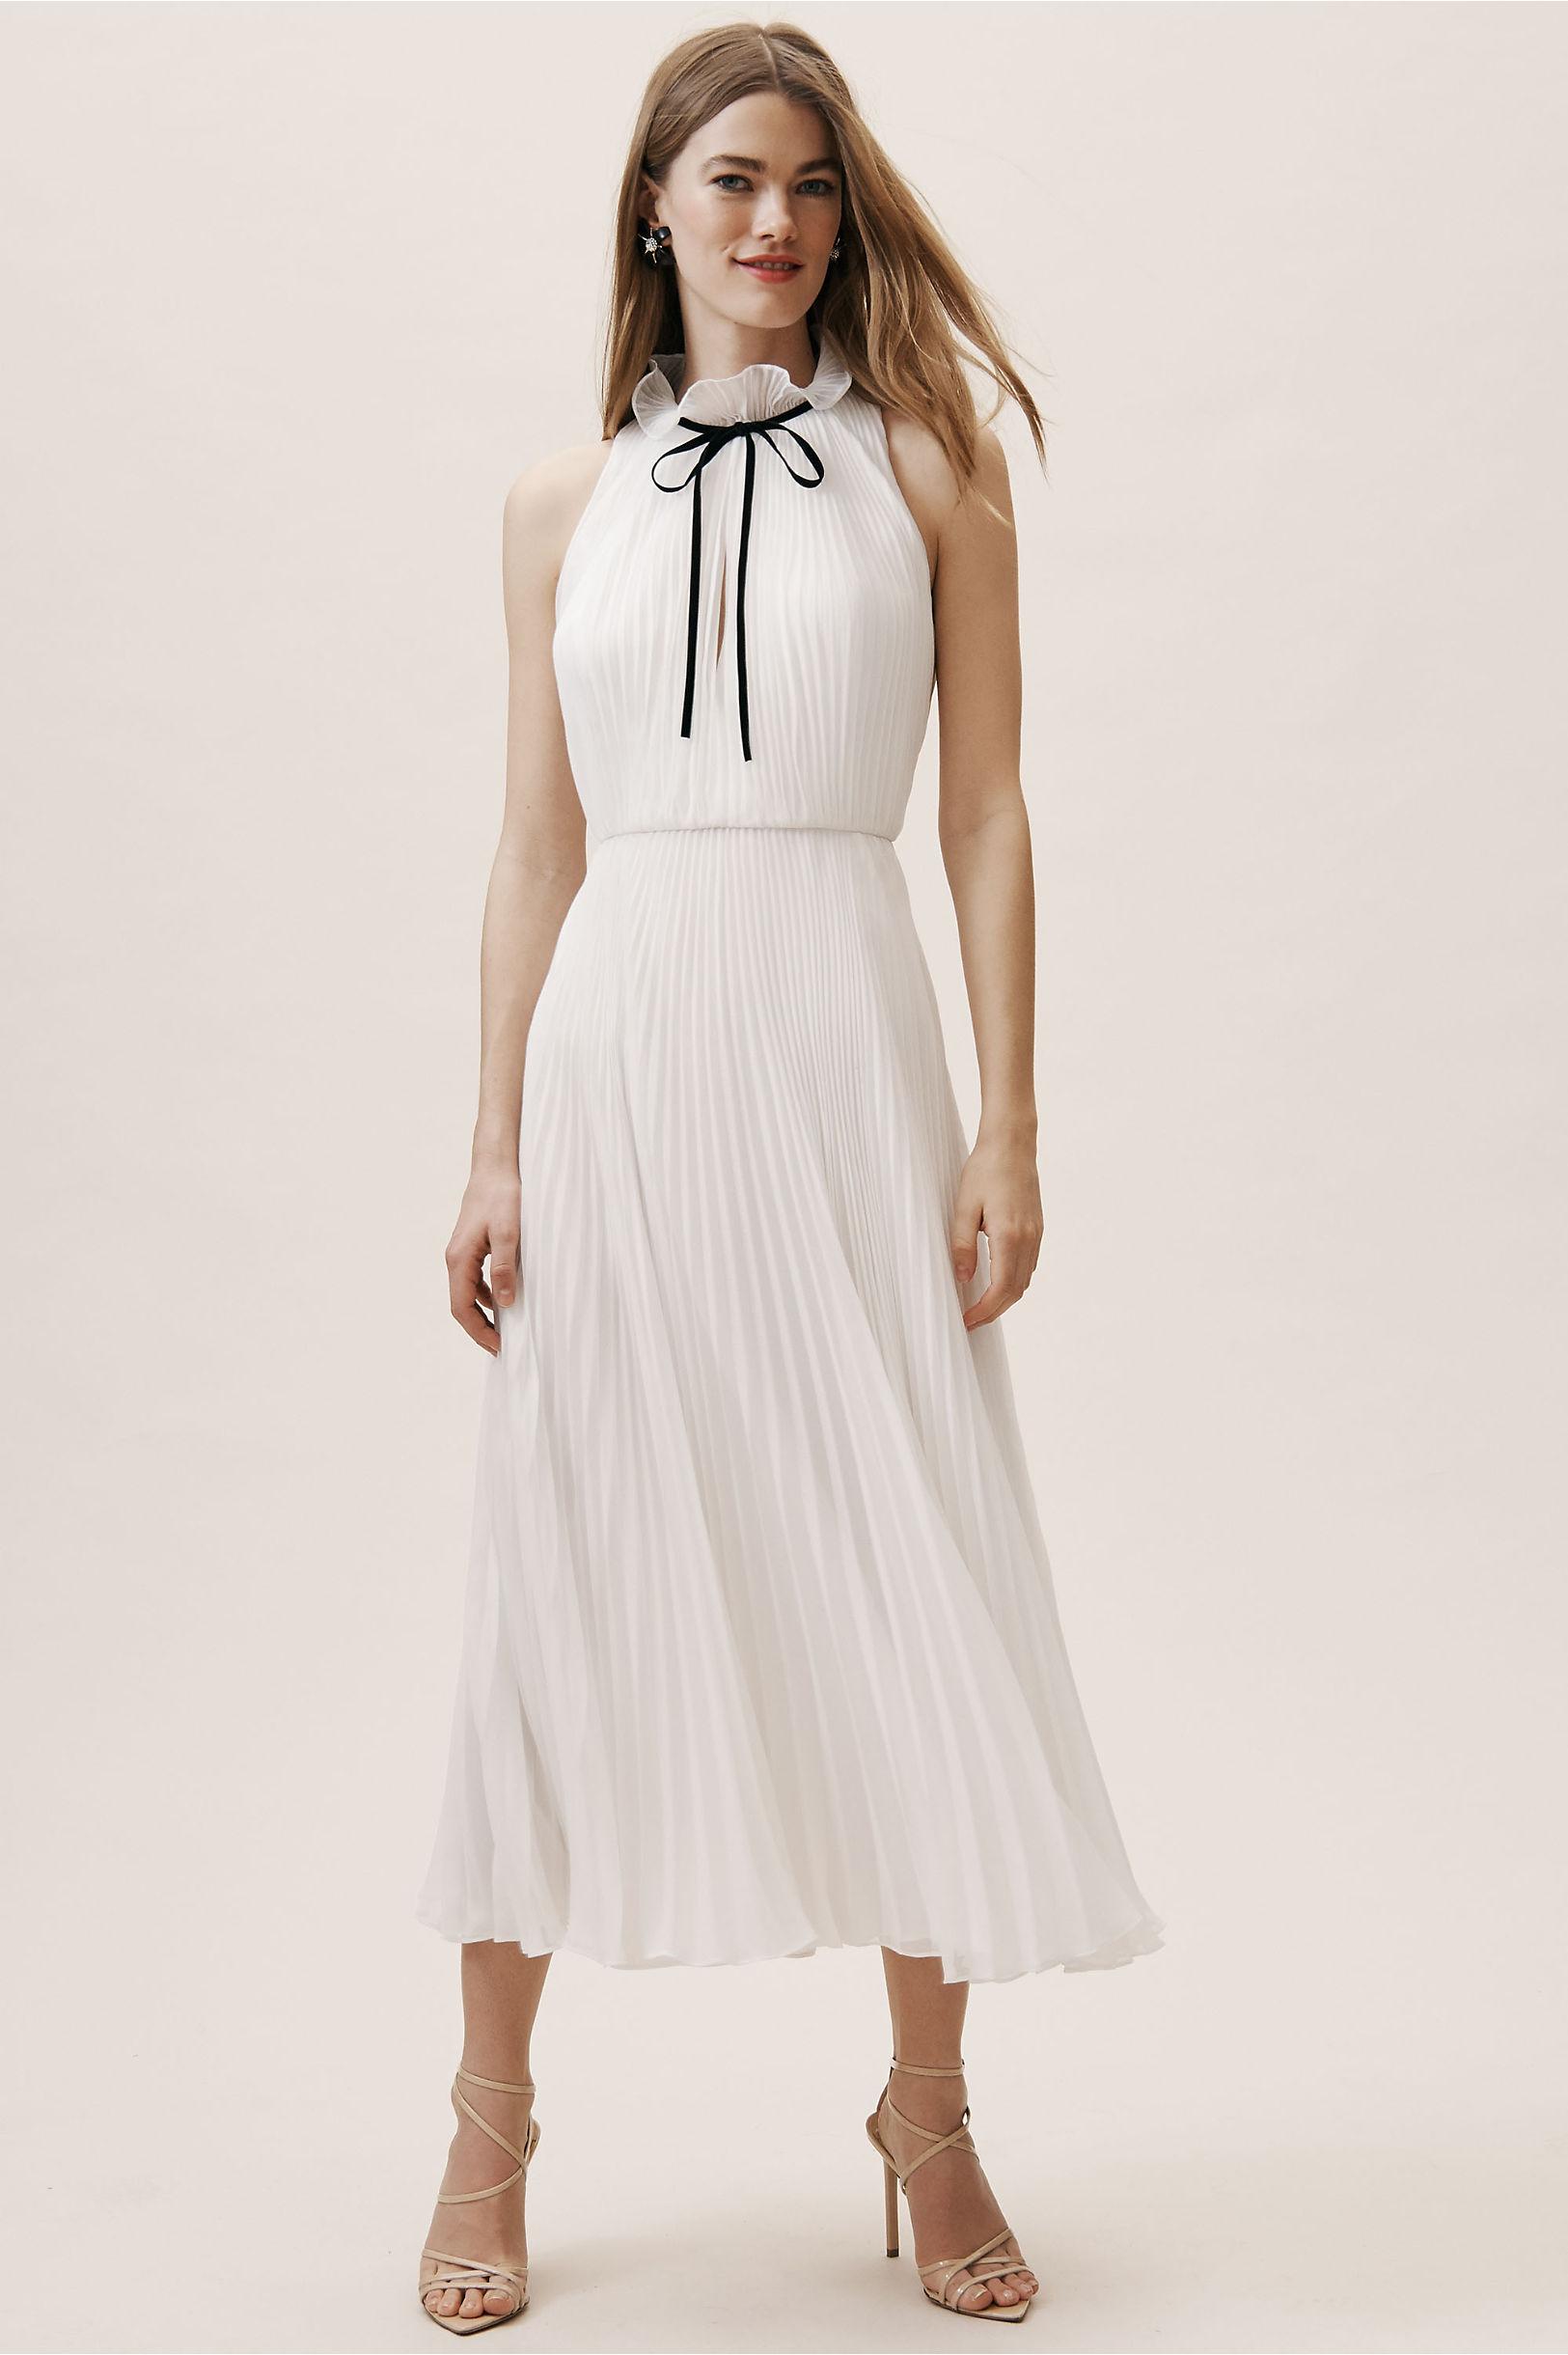 Spring Bridal Shower Dresses, BHLDN Keene